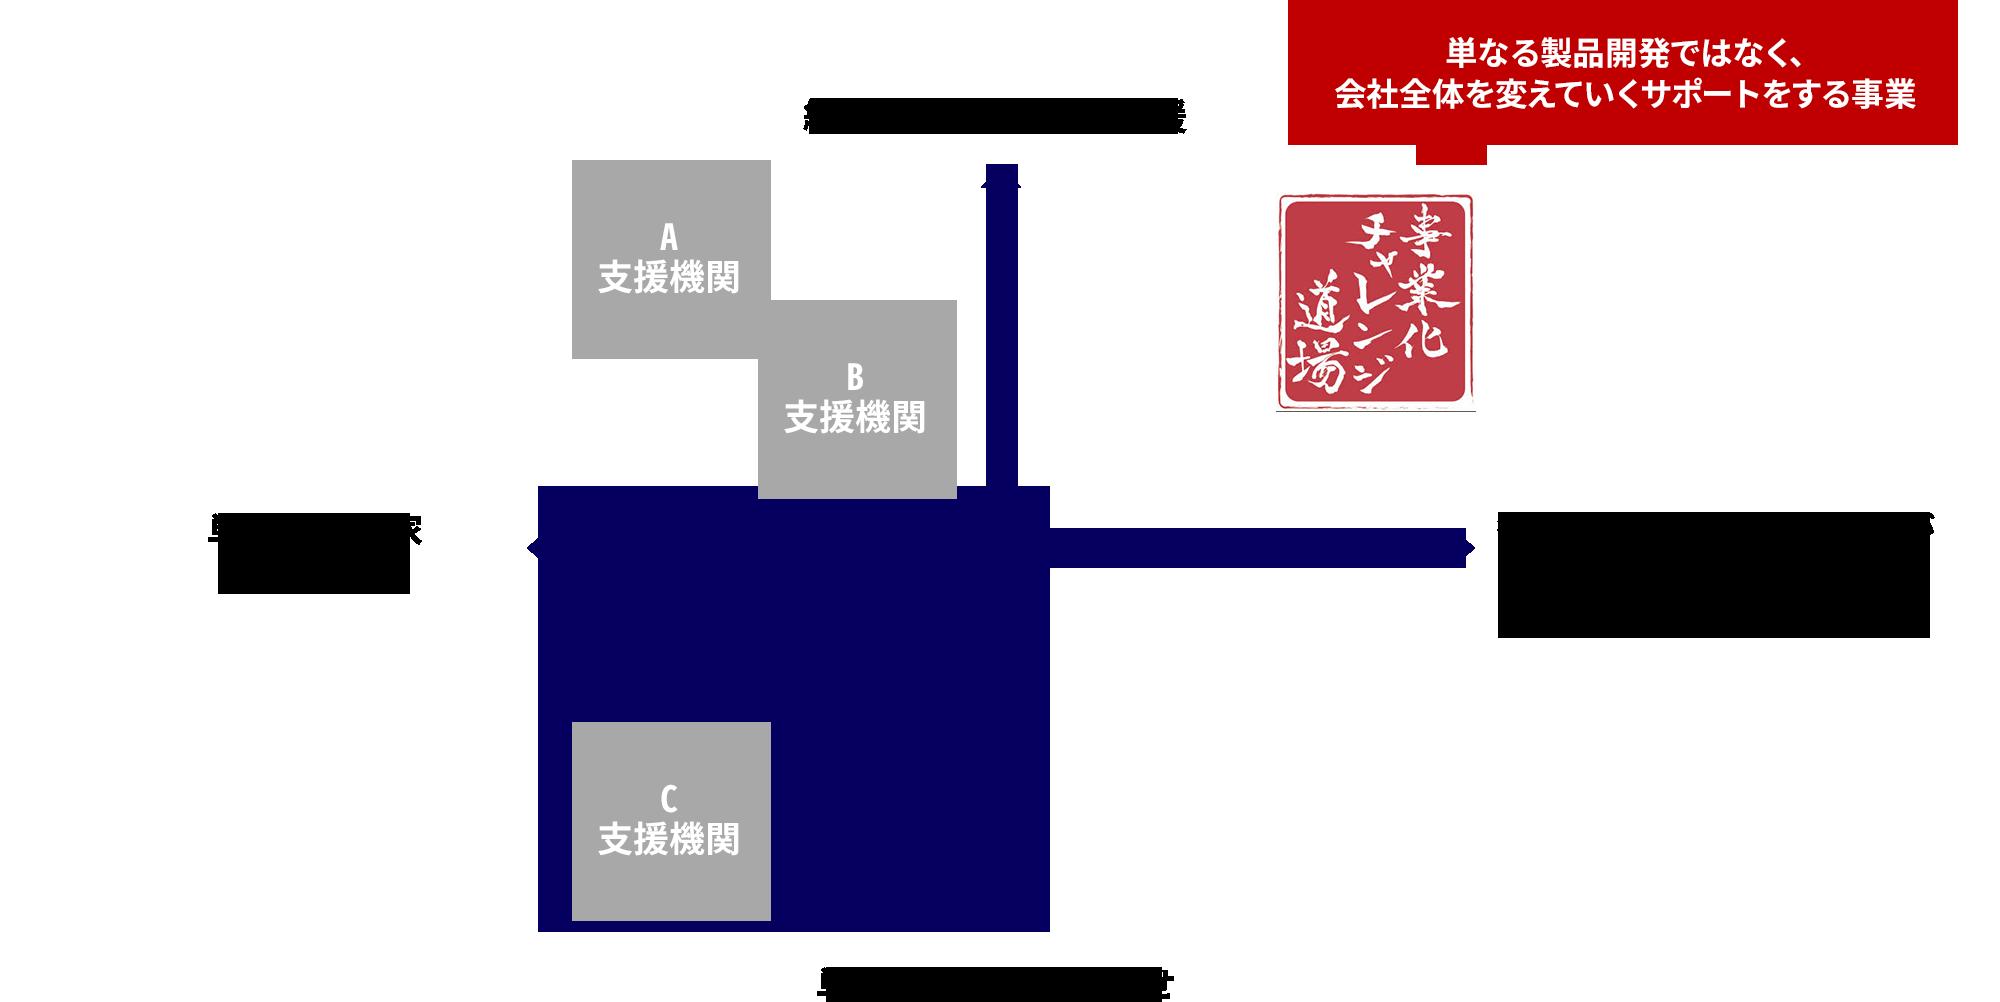 事業化チャレンジ道場ポジショニングマップ